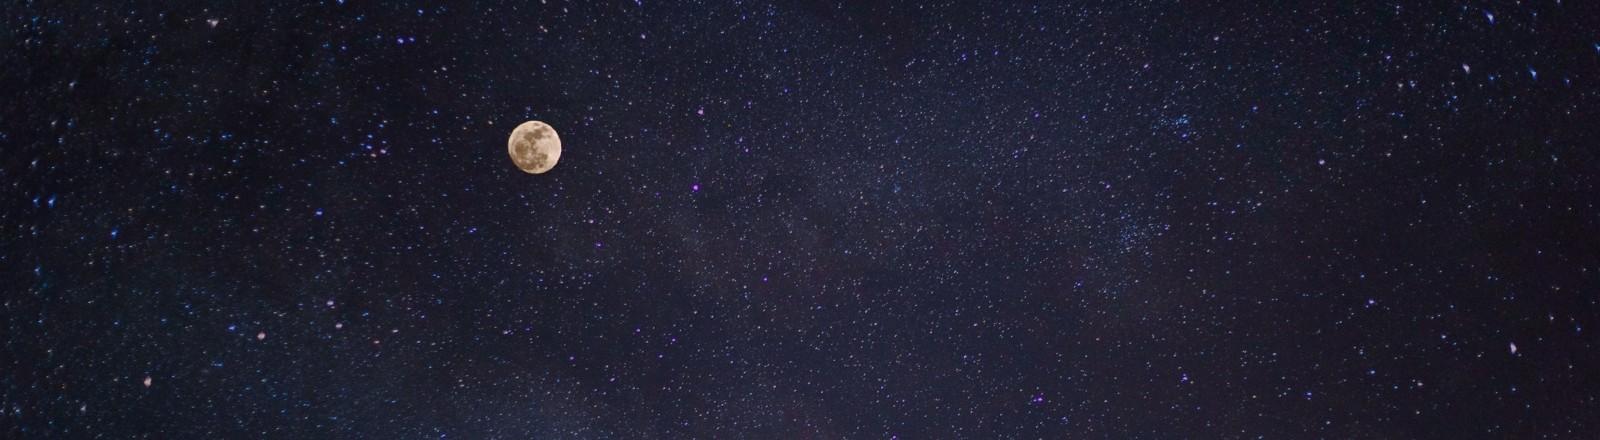 Vollmond und Sternenhimmel